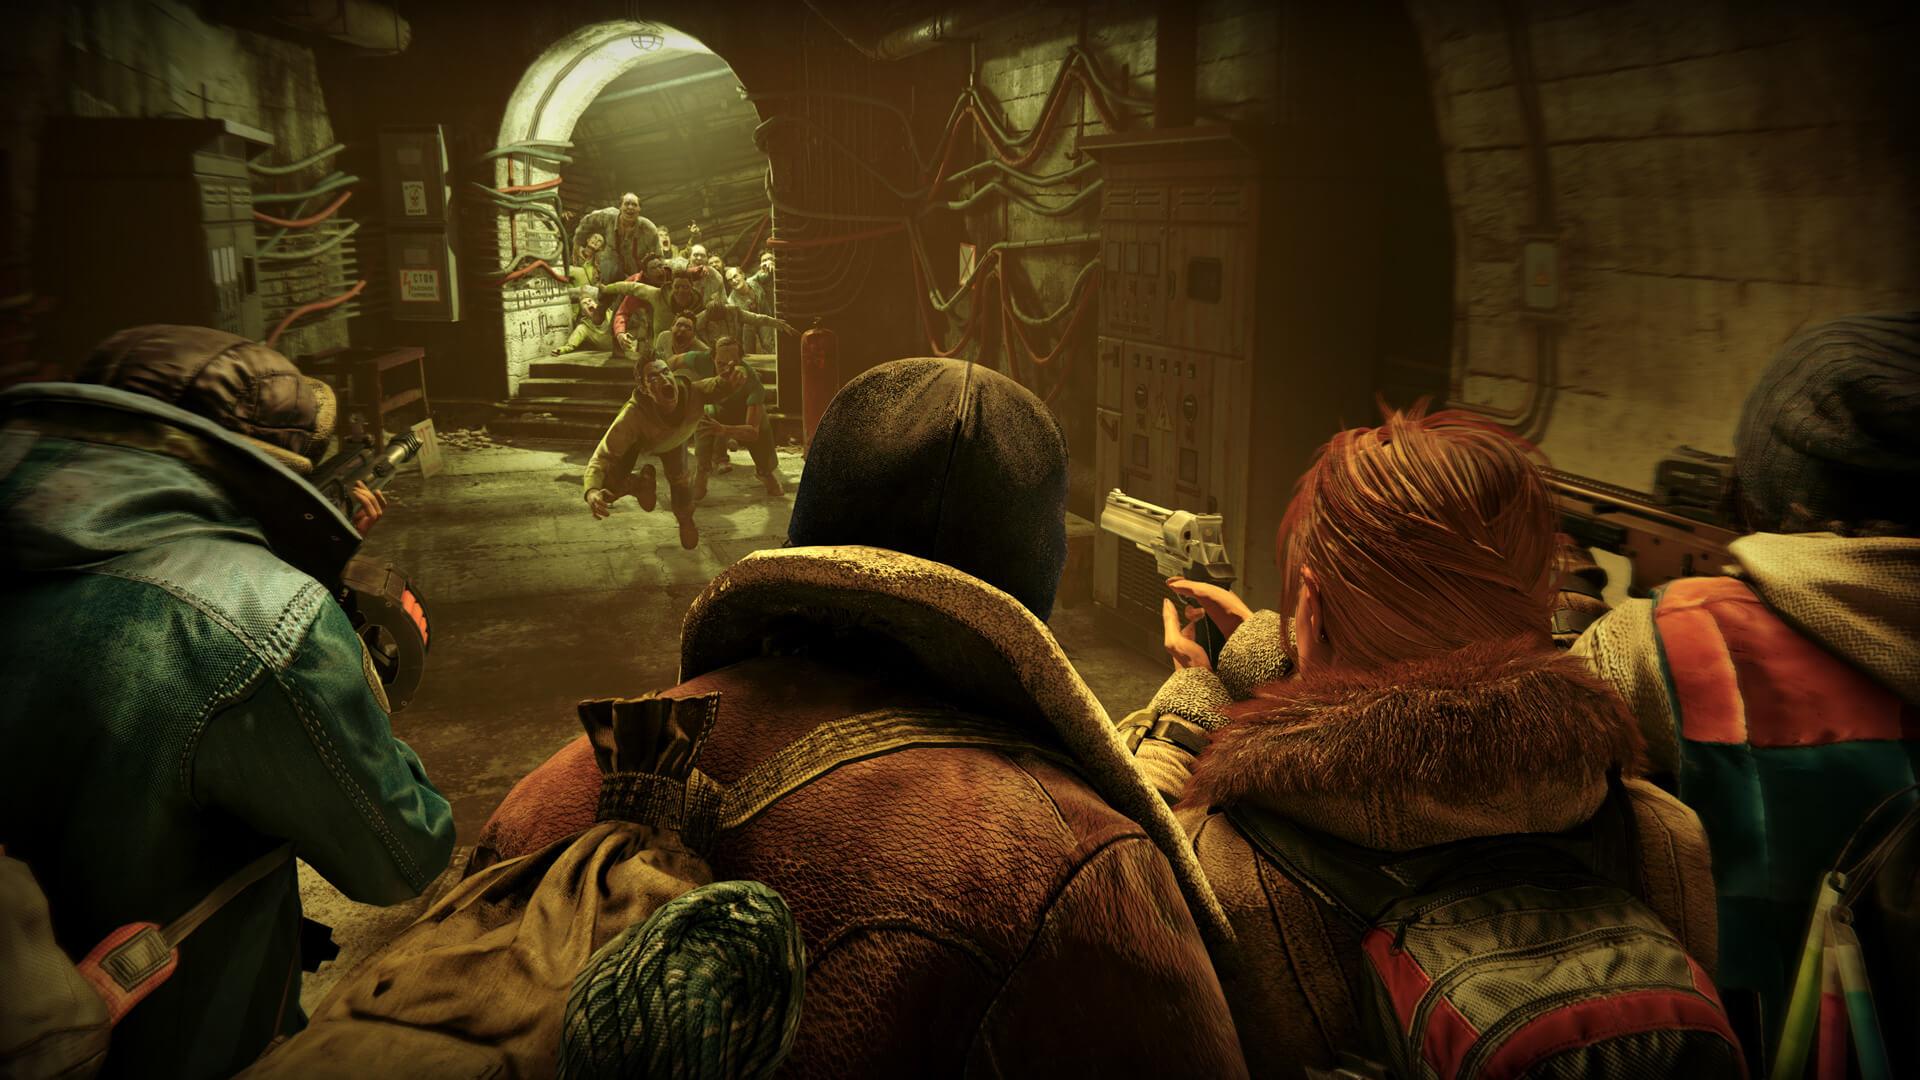 布萊德彼特主演電影《末日之戰》改編同名遊戲:末日之戰 World War Z 免費下載